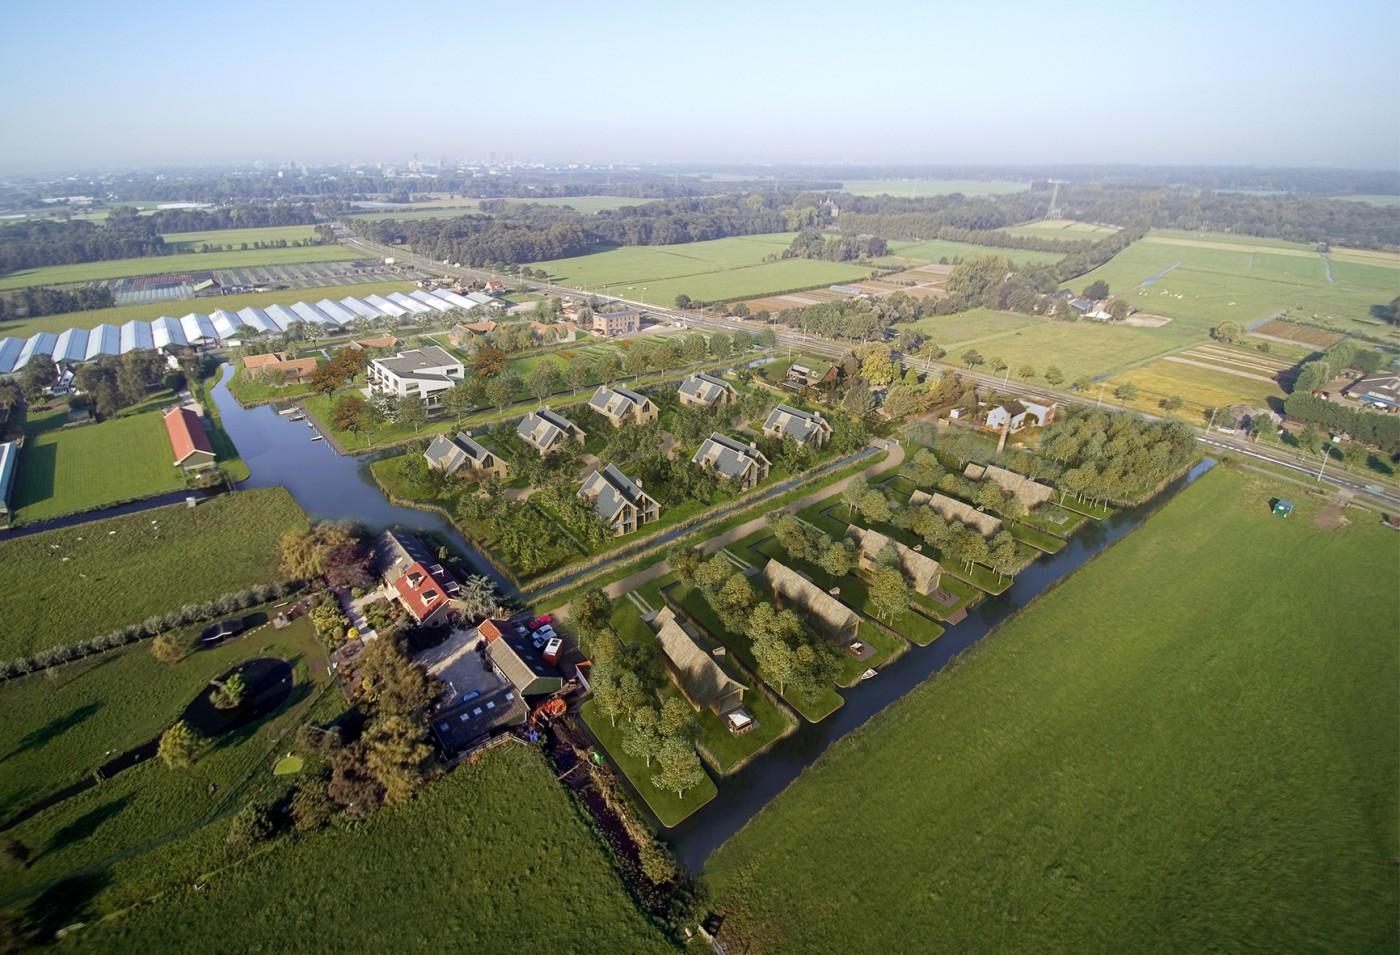 buro-sant-en-co-landschapsarchitectuur-roosenhorst-voorschoten-ontwerp-landschap-woonomgeving-vogelvlucht